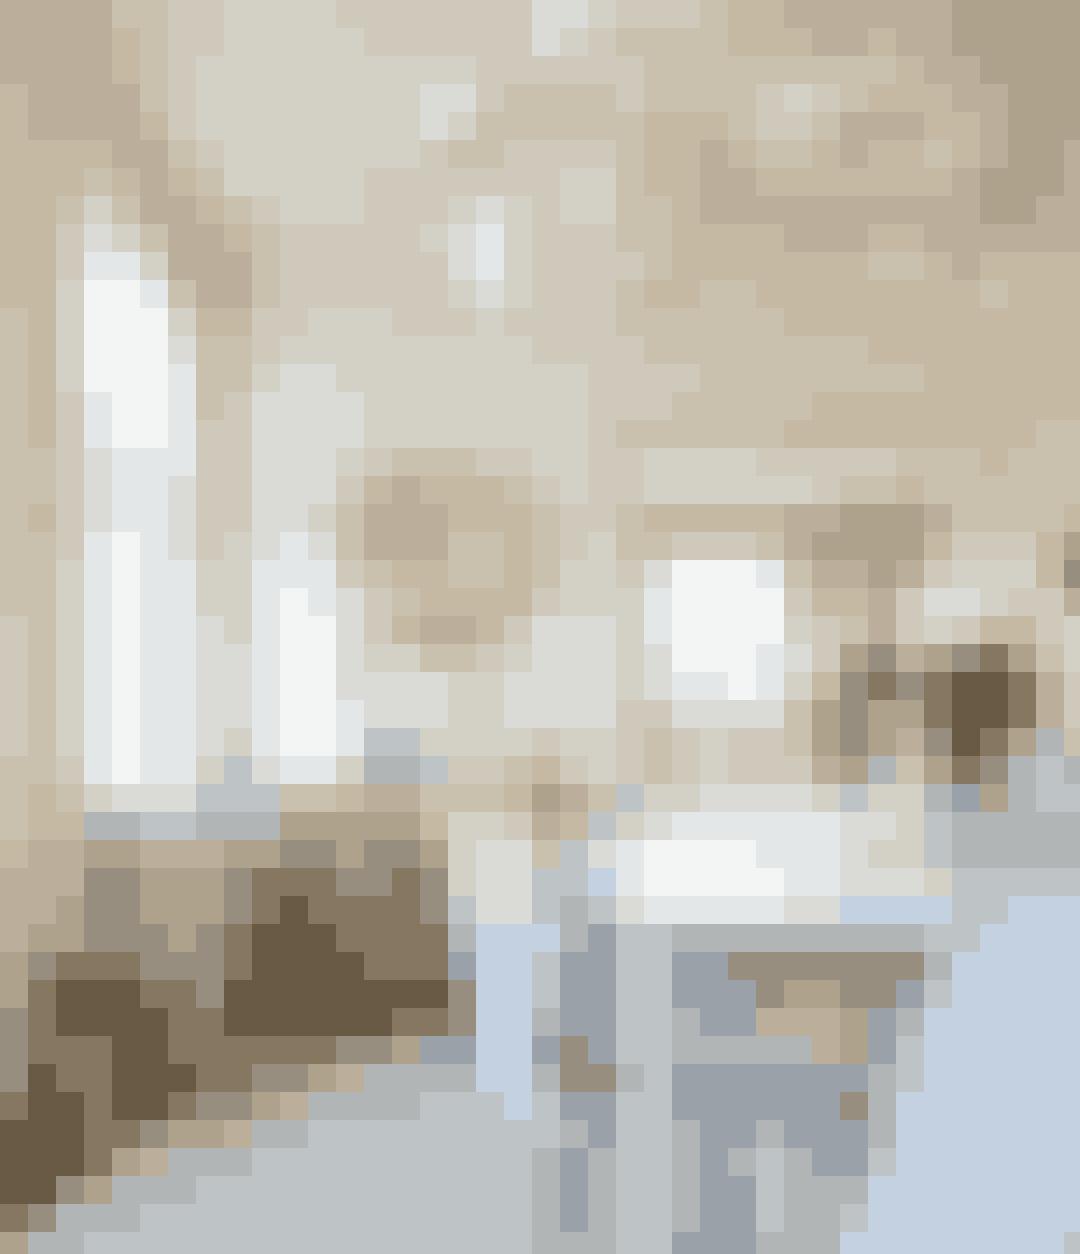 Spring ud i forskellige nuancer af hvid. Gå efter de beige-lignende farver for at få varme i rummet.